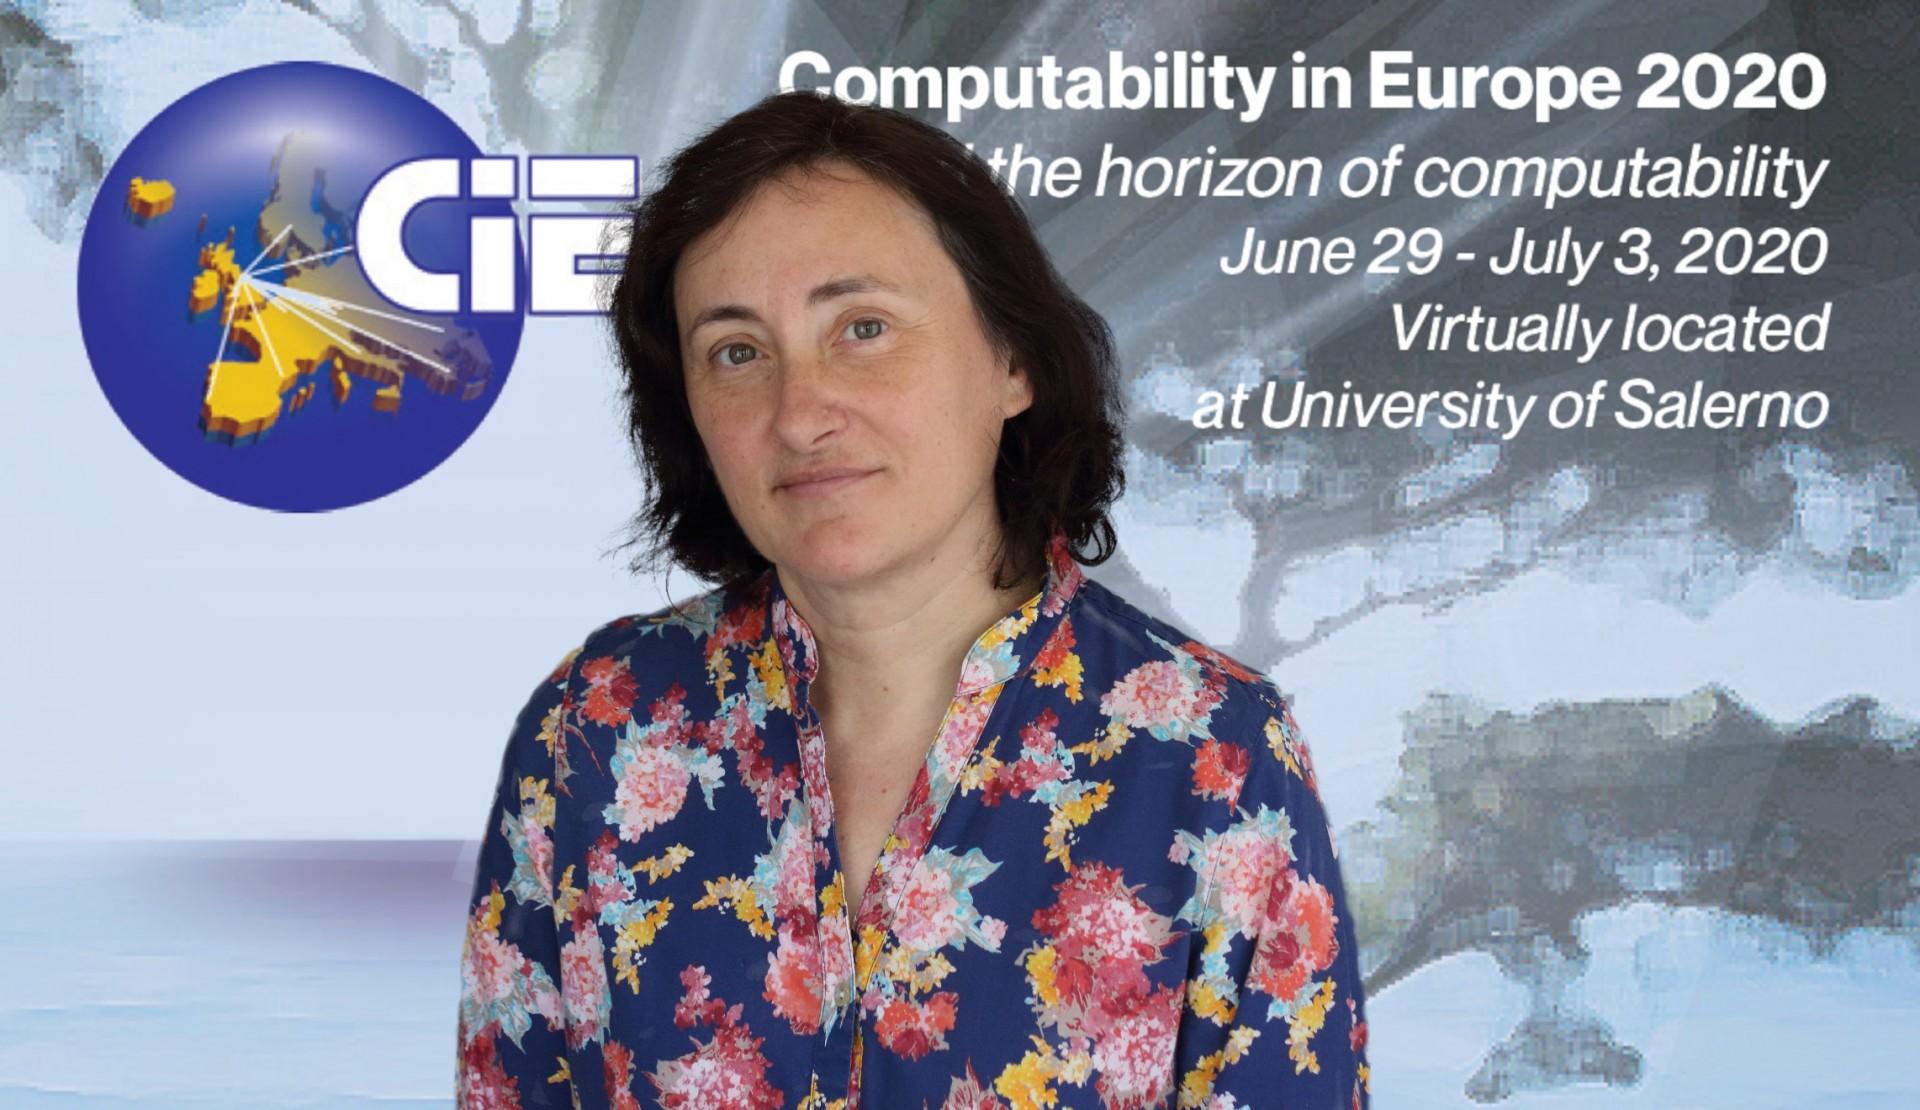 Nueva presidenta y nuevos retos en la Asociación Europea de Computabilidad